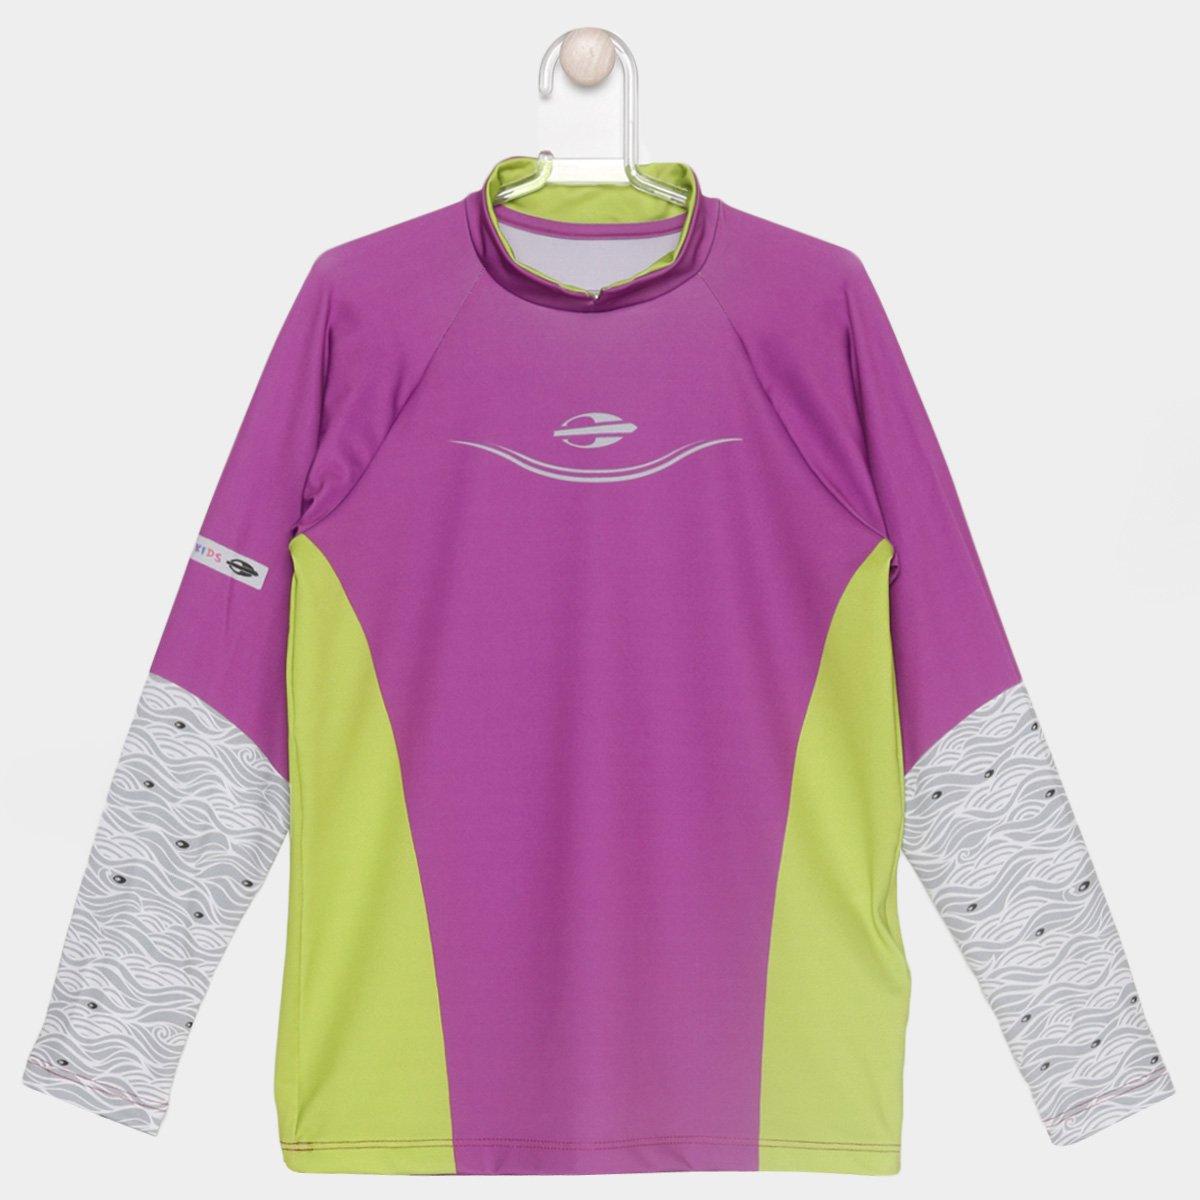 Camiseta Mormaii UV Manga Longa Infantil - Compre Agora  9d7d4dc2d0d